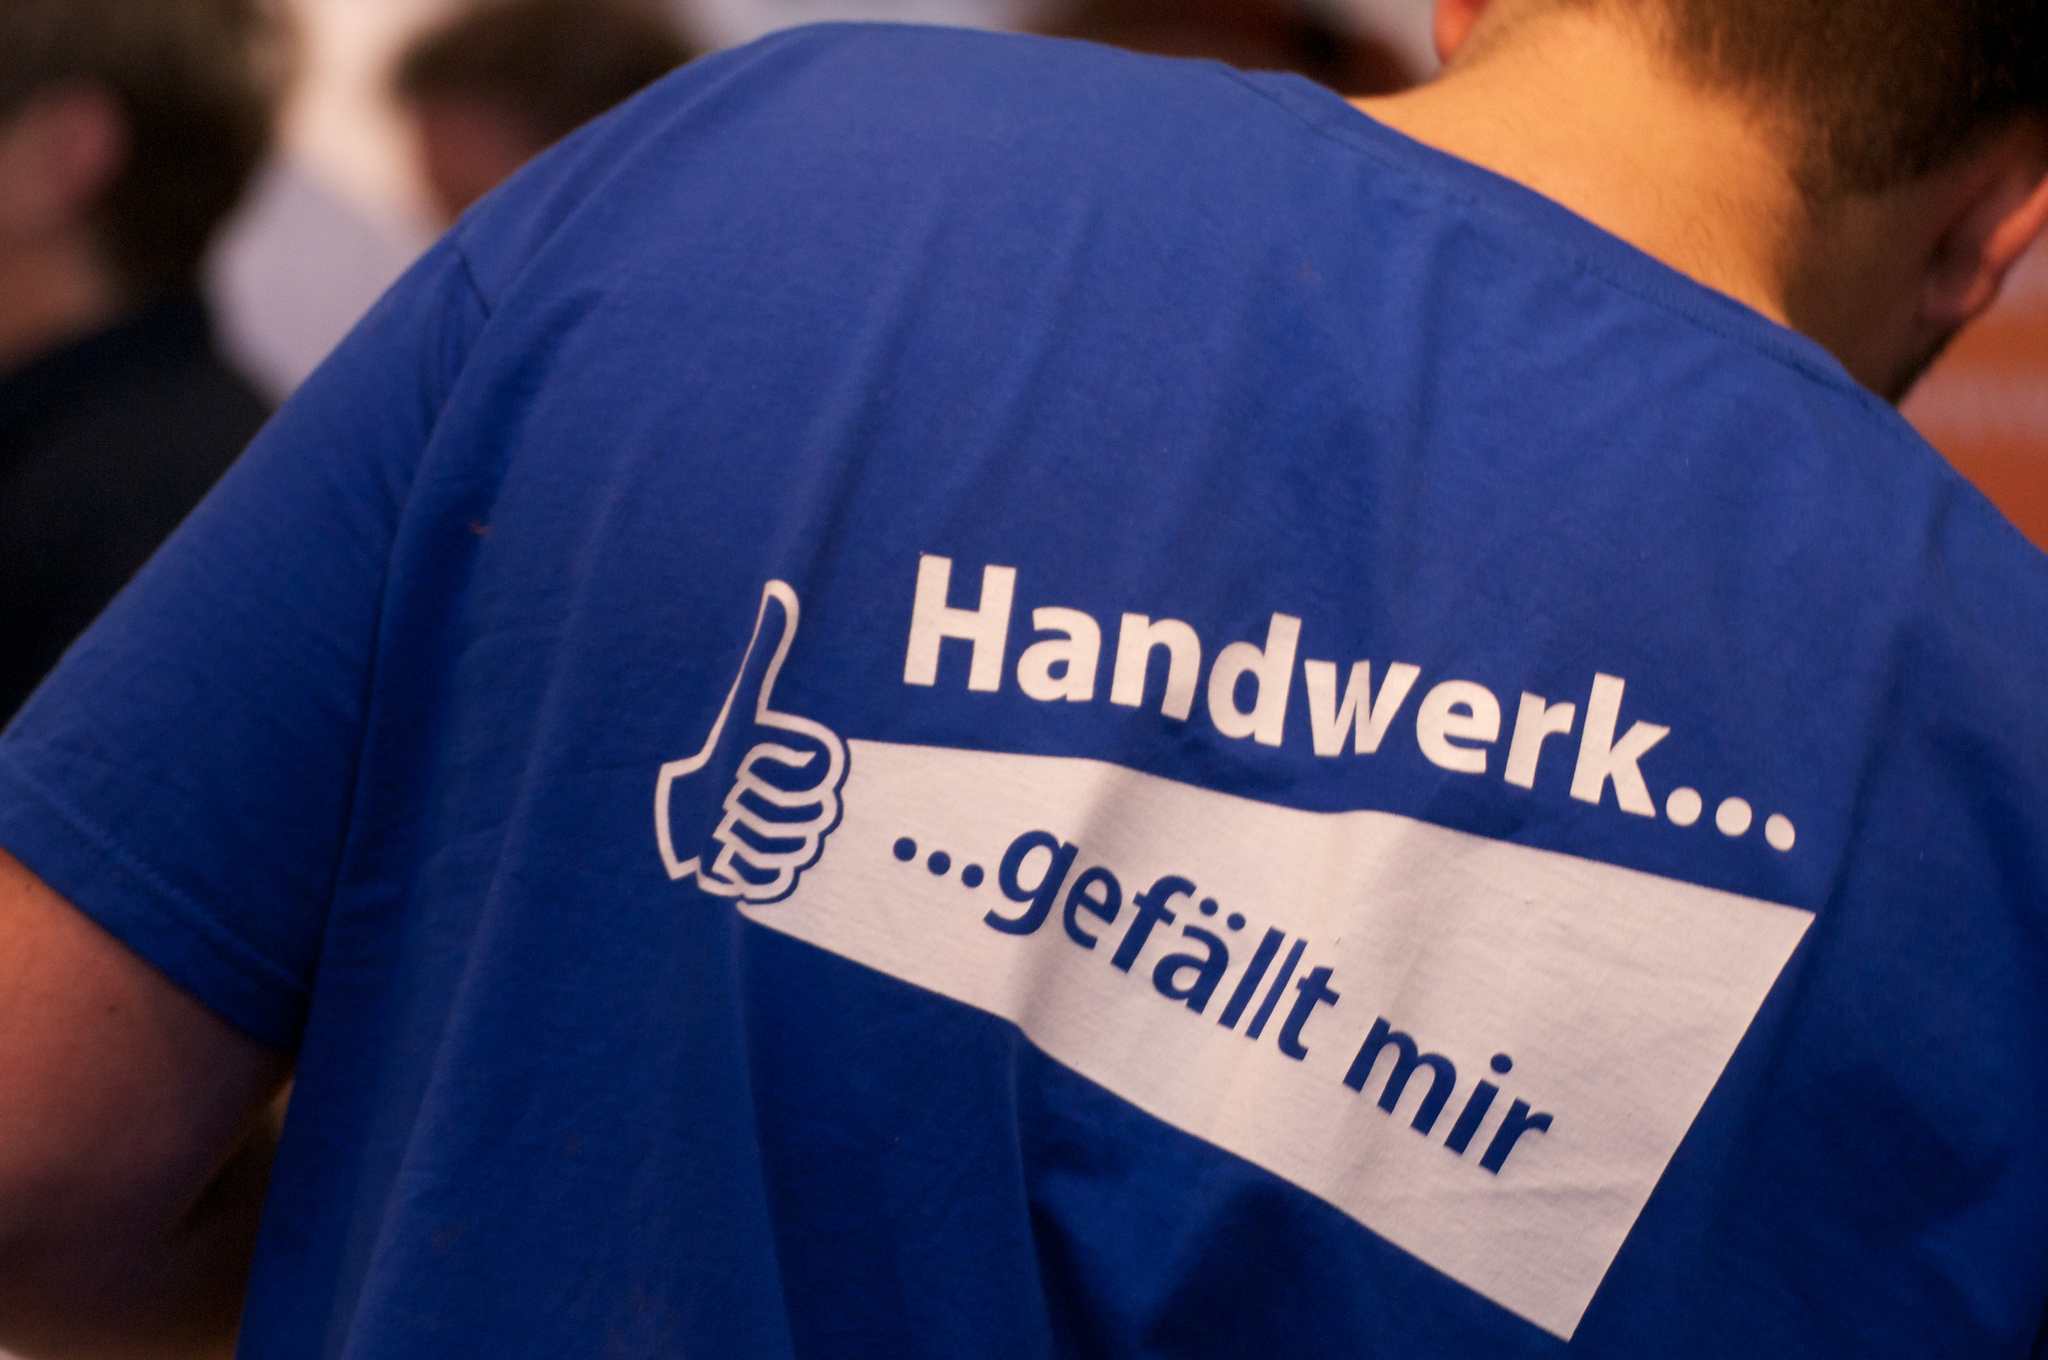 Das Handwerk leidet unter Nachwuchsmangel - trotz schicker Werbe-T-Shirts. Foto: Maik Meid / flickr (CC BY-SA 2.0)